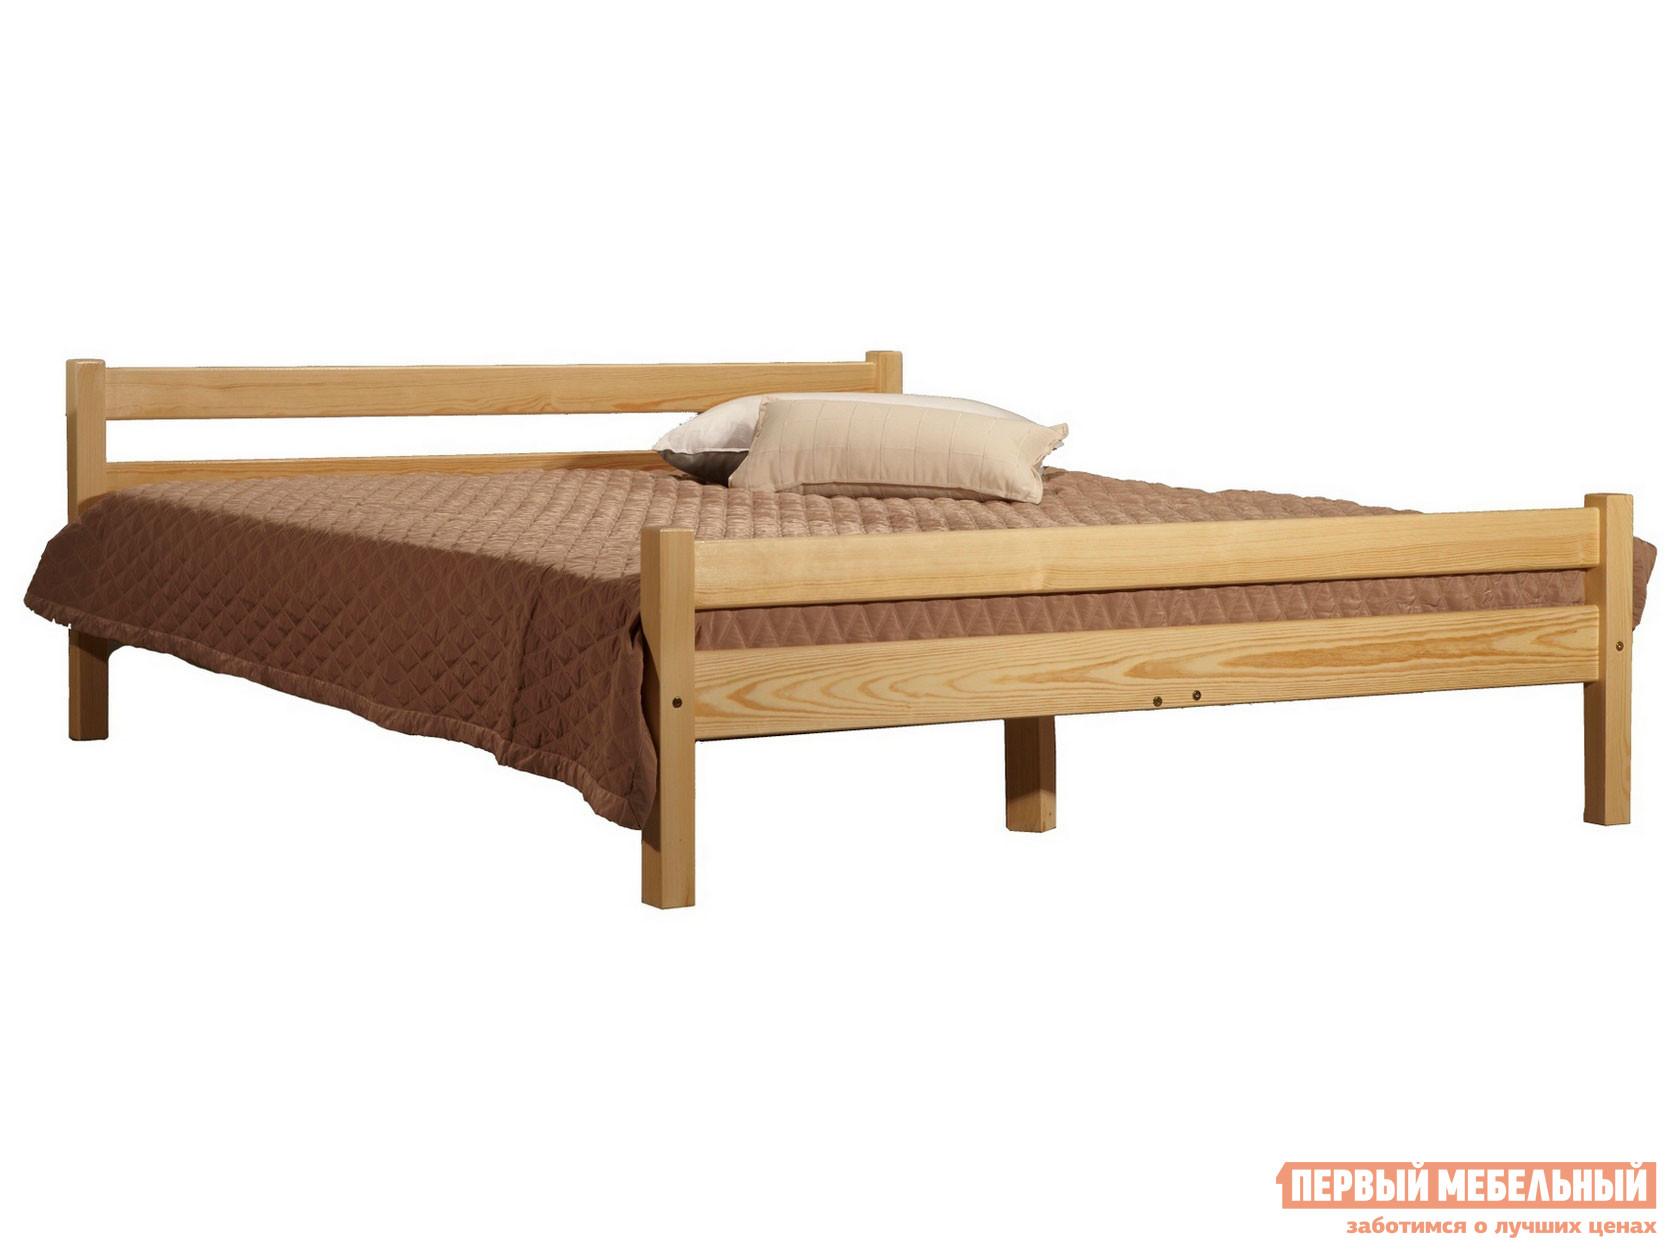 Двуспальная кровать из дерева Timberica Кровать Классик кровать полуторка timberica эрика